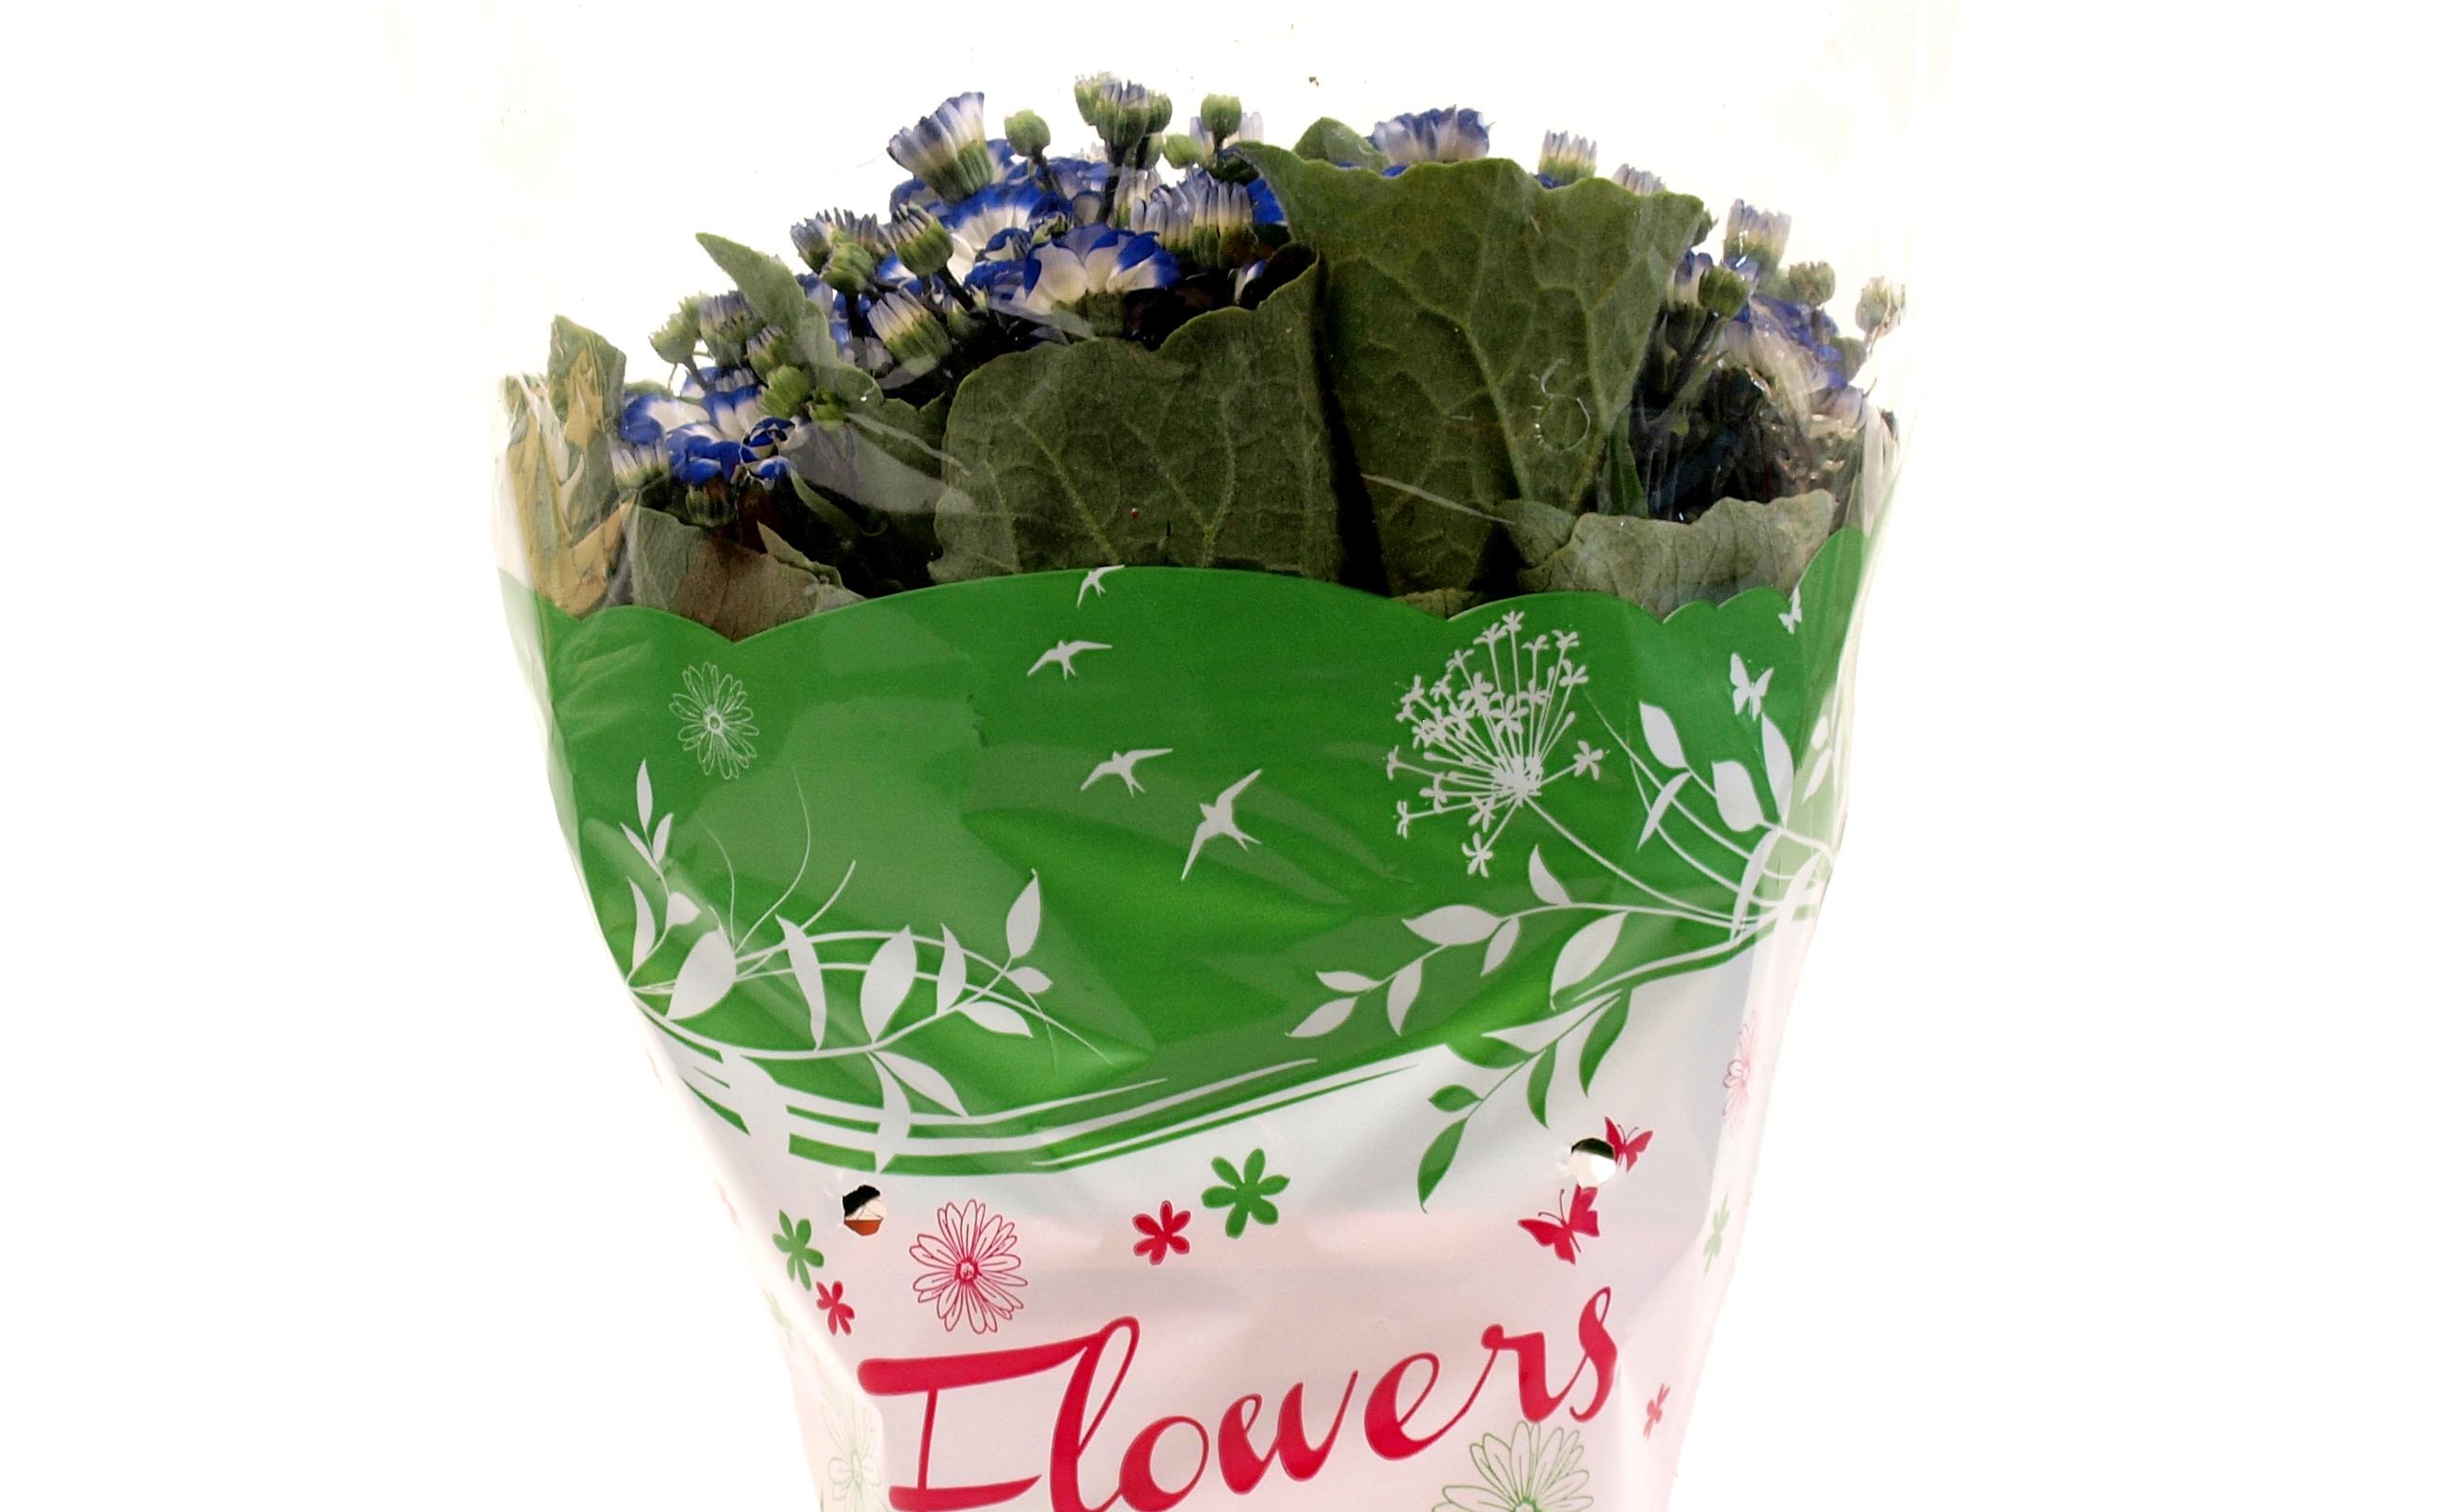 Flowers_verde_dett